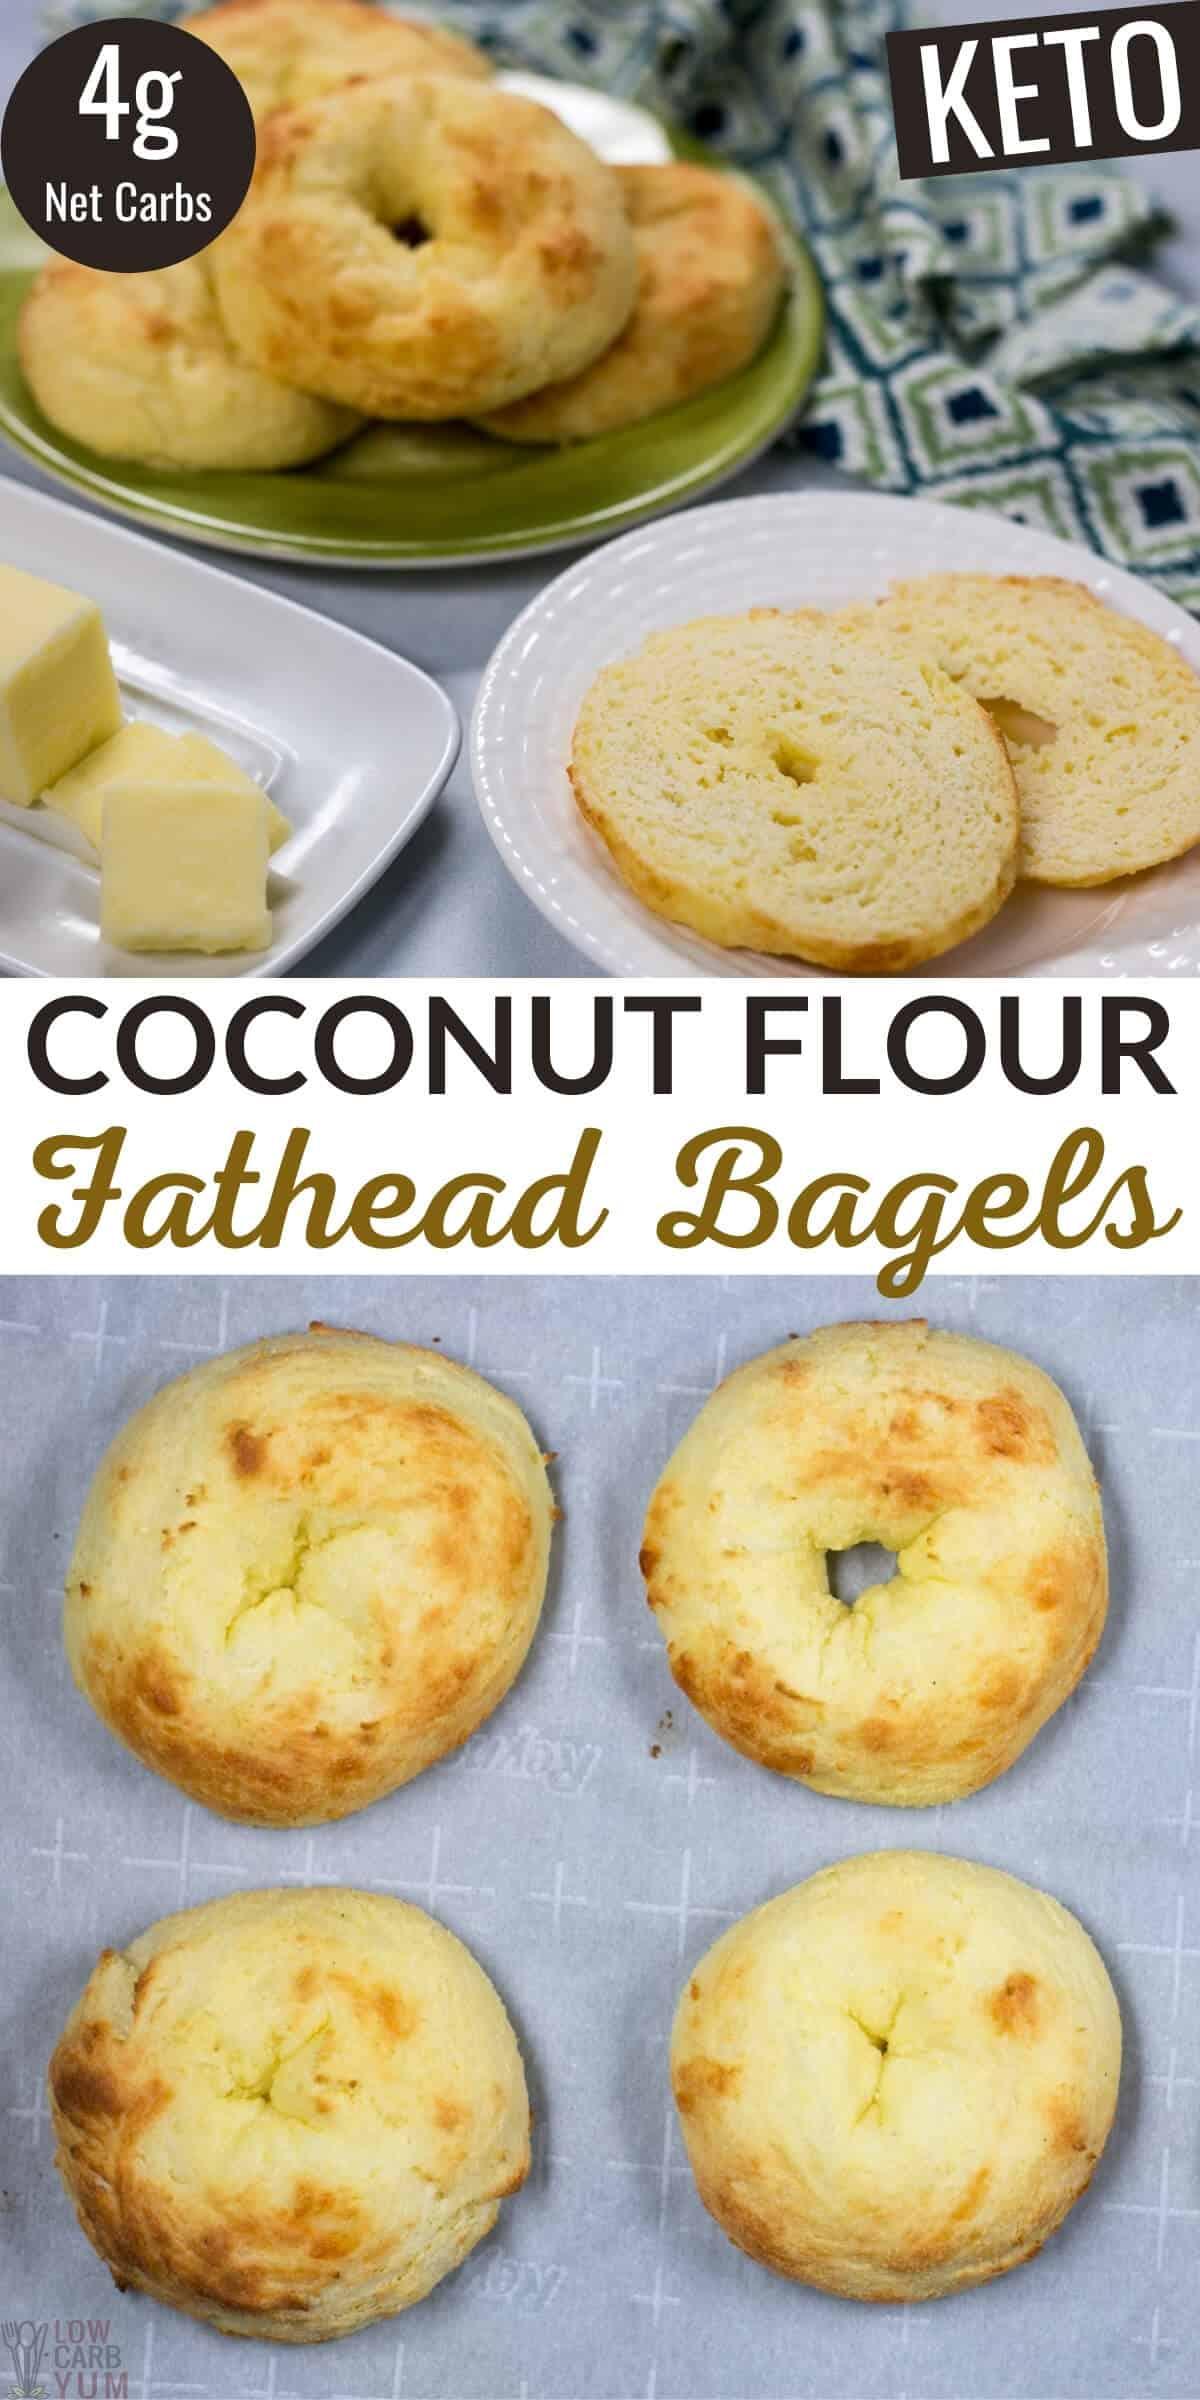 keto coconut flour fathead bagels pinterest image